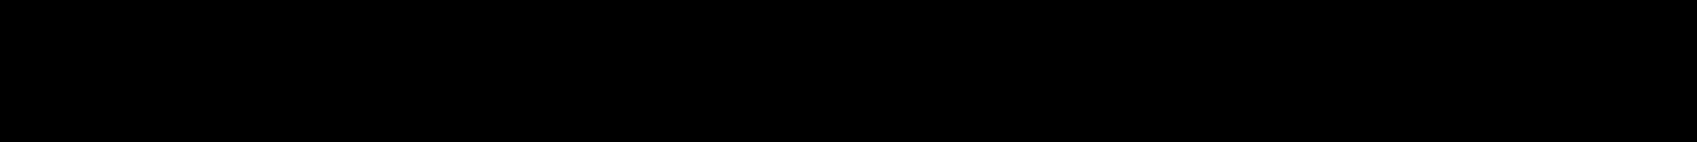 {\displaystyle f(x,y)=\underbrace {\underbrace {f(x_{0},y_{0})+f_{x}(x_{0},y_{0})(x-x_{0})+f_{y}(x_{0},y_{0})(y-y_{0})} _{lineare\,approximation}+{\frac {1}{2!}}{\Bigl (}f_{xx}(x_{0},y_{0})(x-x_{0})^{2}+2f_{xy}(x_{0},y_{0})(x-x_{0})(y-y_{0})+f_{yy}(x_{0},y_{0})(y-yo)^{2}{\Bigr )}} _{quadratische\,approximation}}